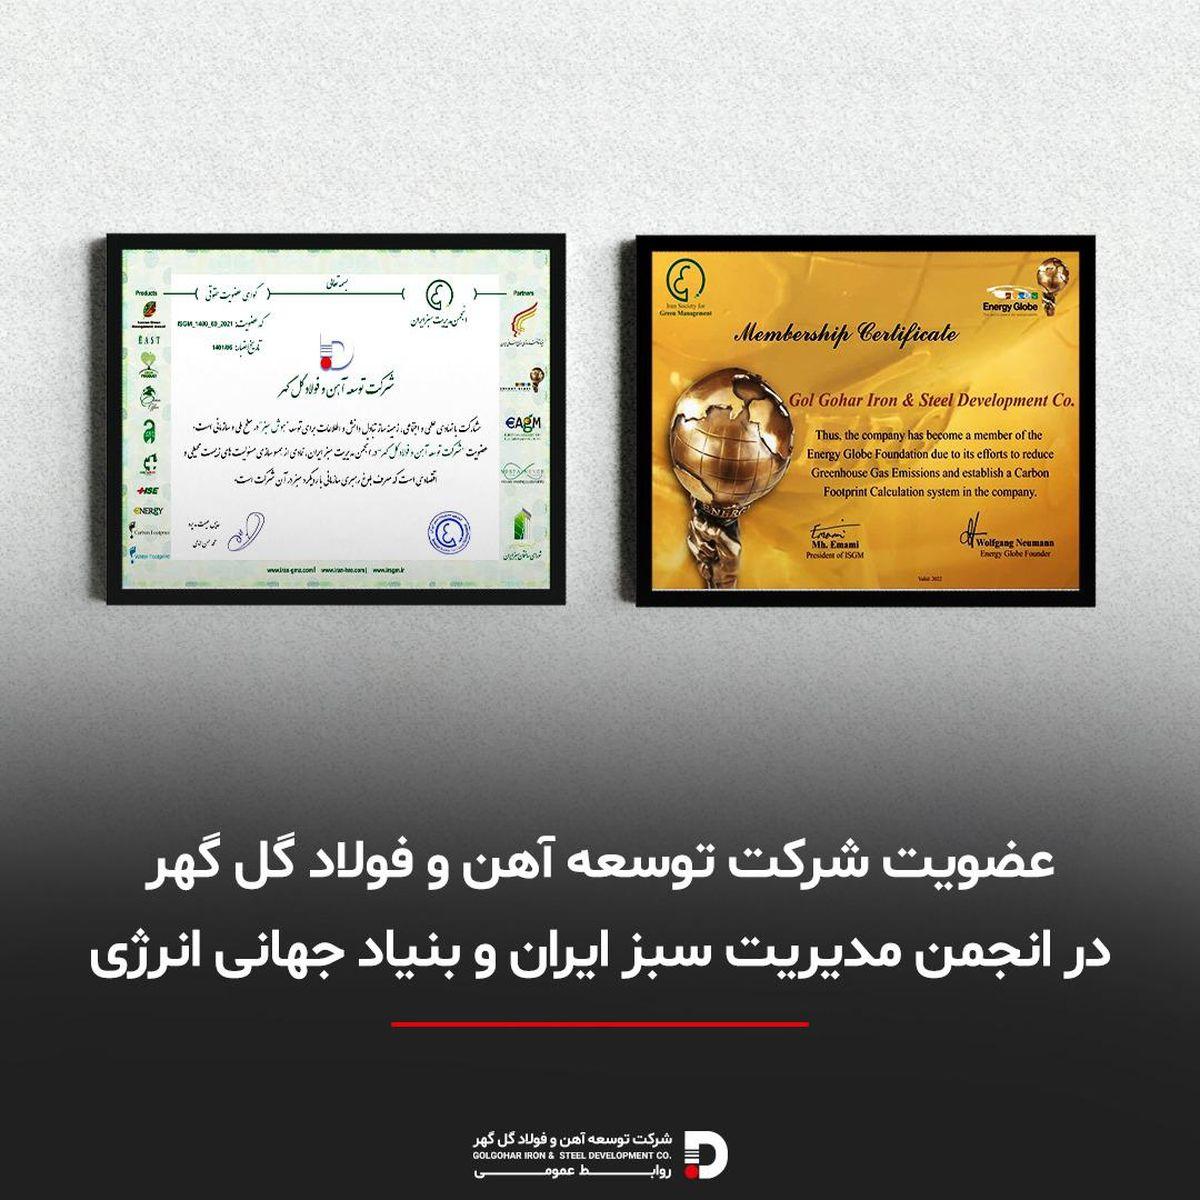 عضویت شرکت توسعه آهن و فولاد گل گهر در انجمن مدیریت سبز ایران و بنیاد جهانی انرژی